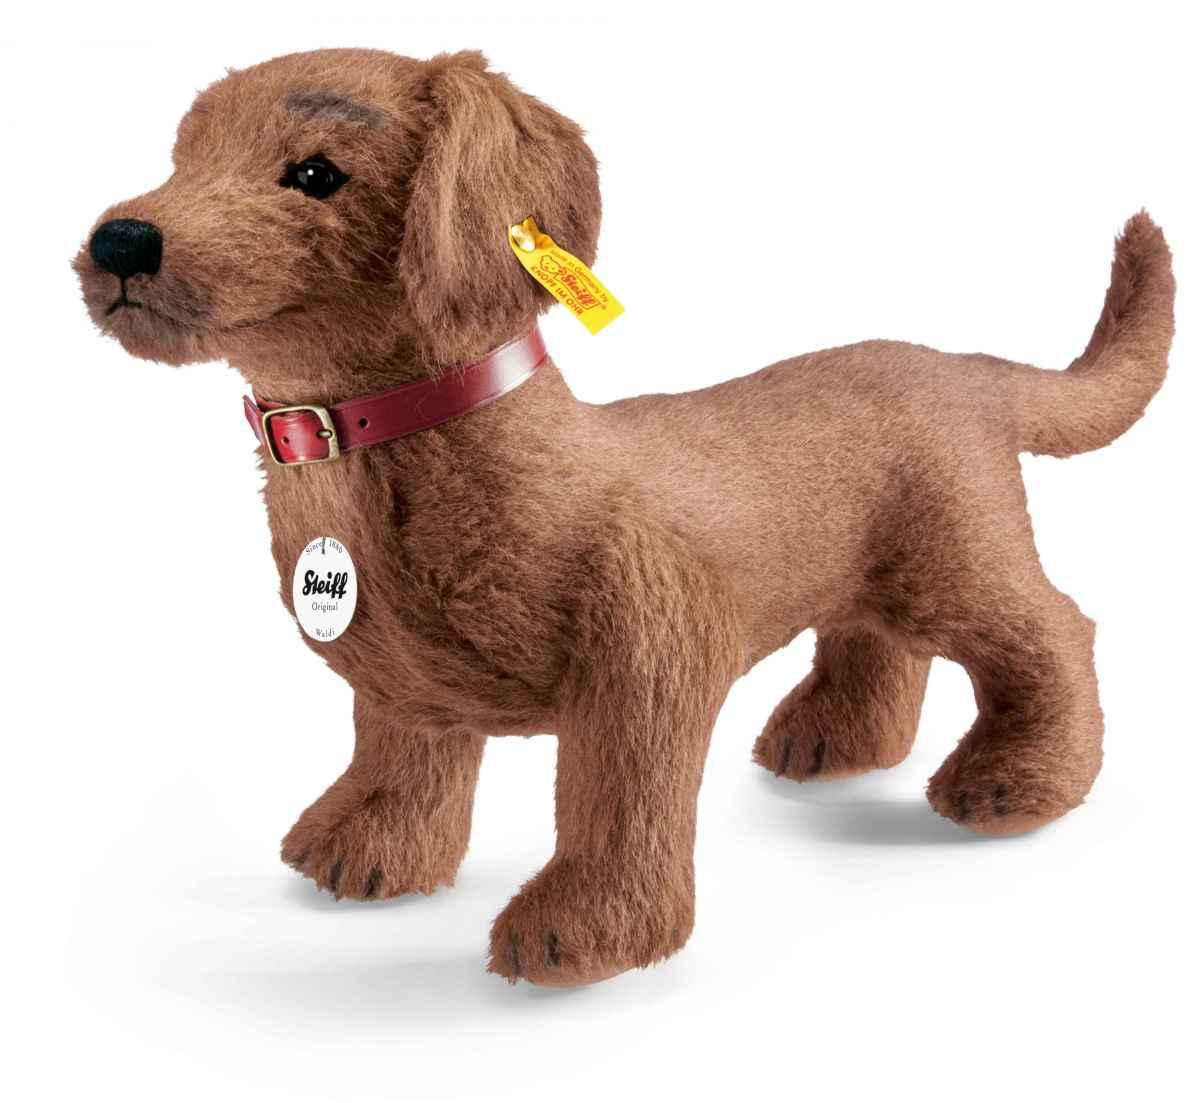 ワーリーダックスフンド Waldi dachshund 35cmシュタイフ社テディベアテディベア ぬいぐるみ 誕生日 プレゼント 内祝い ギフト クリスマス